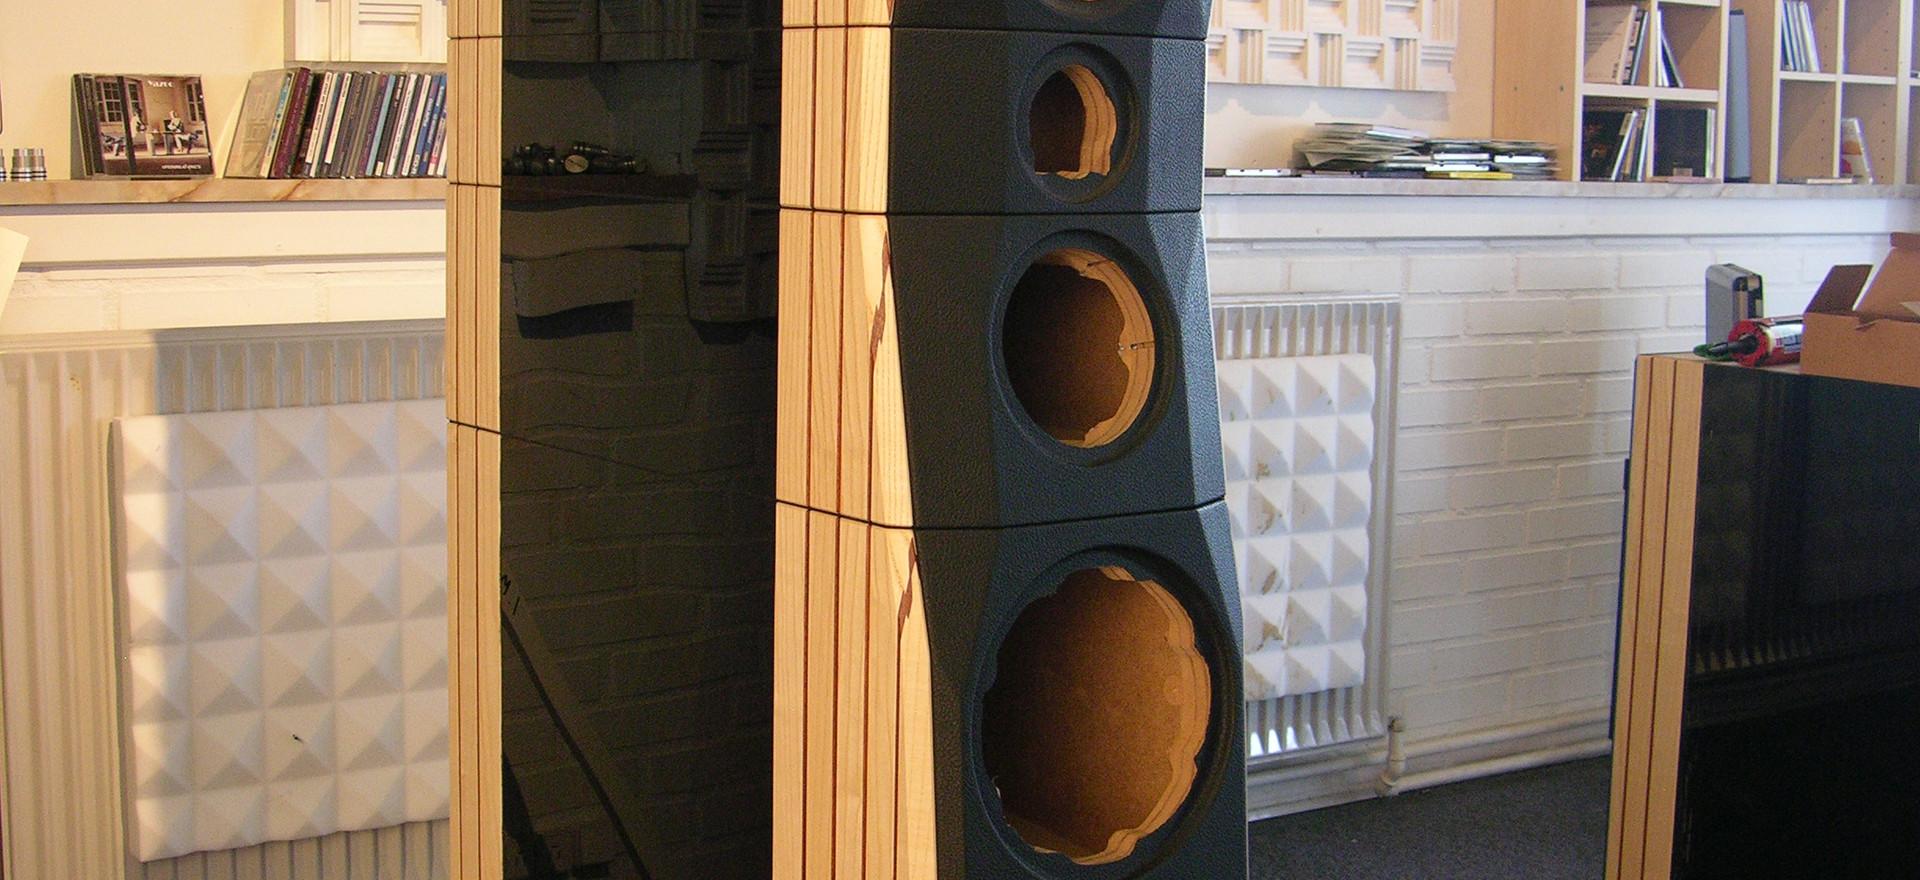 Modular build cabinets